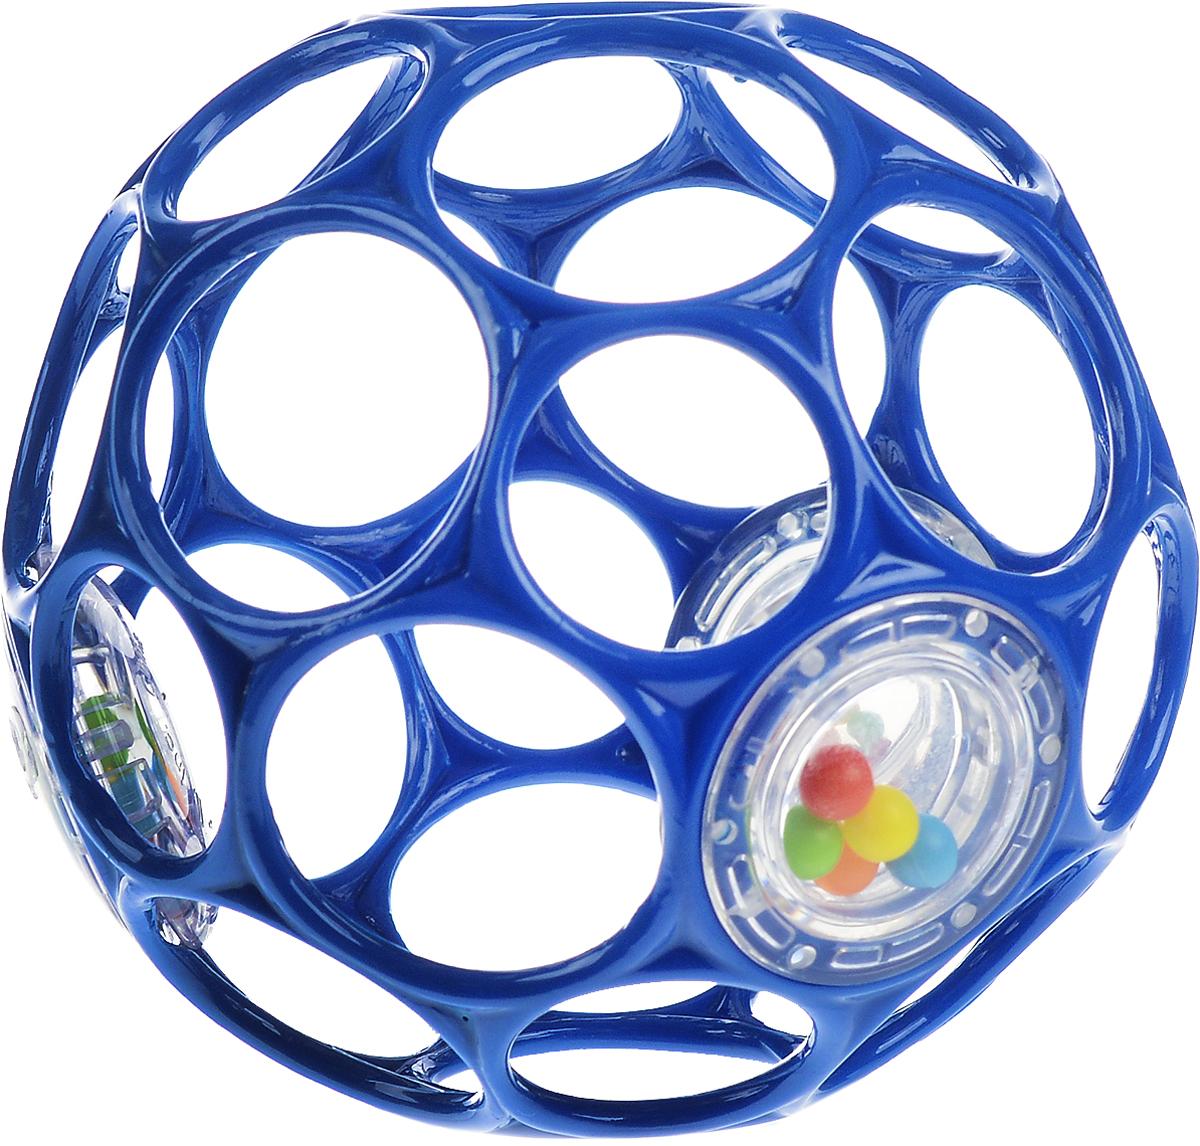 Oball Мячик Гремящий цвет синий81031_синийЯркий мячик Oball Гремящий издает забавные звуки, стоит малышу его потрясти. Легкий мячик имеет много крупных дырочек, что позволяет малышу удобно держать игрушку. По периметру мячика находятся 3 прозрачных контейнера с разноцветными бусинками, которые при тряске издают негромкий звук. Мячик выполнен из гибкого пластика, приятный на ощупь, не имеет острых краев, полностью безопасен для крохи. Игрушка развивает мелкую моторику, зрение и слух малыша.